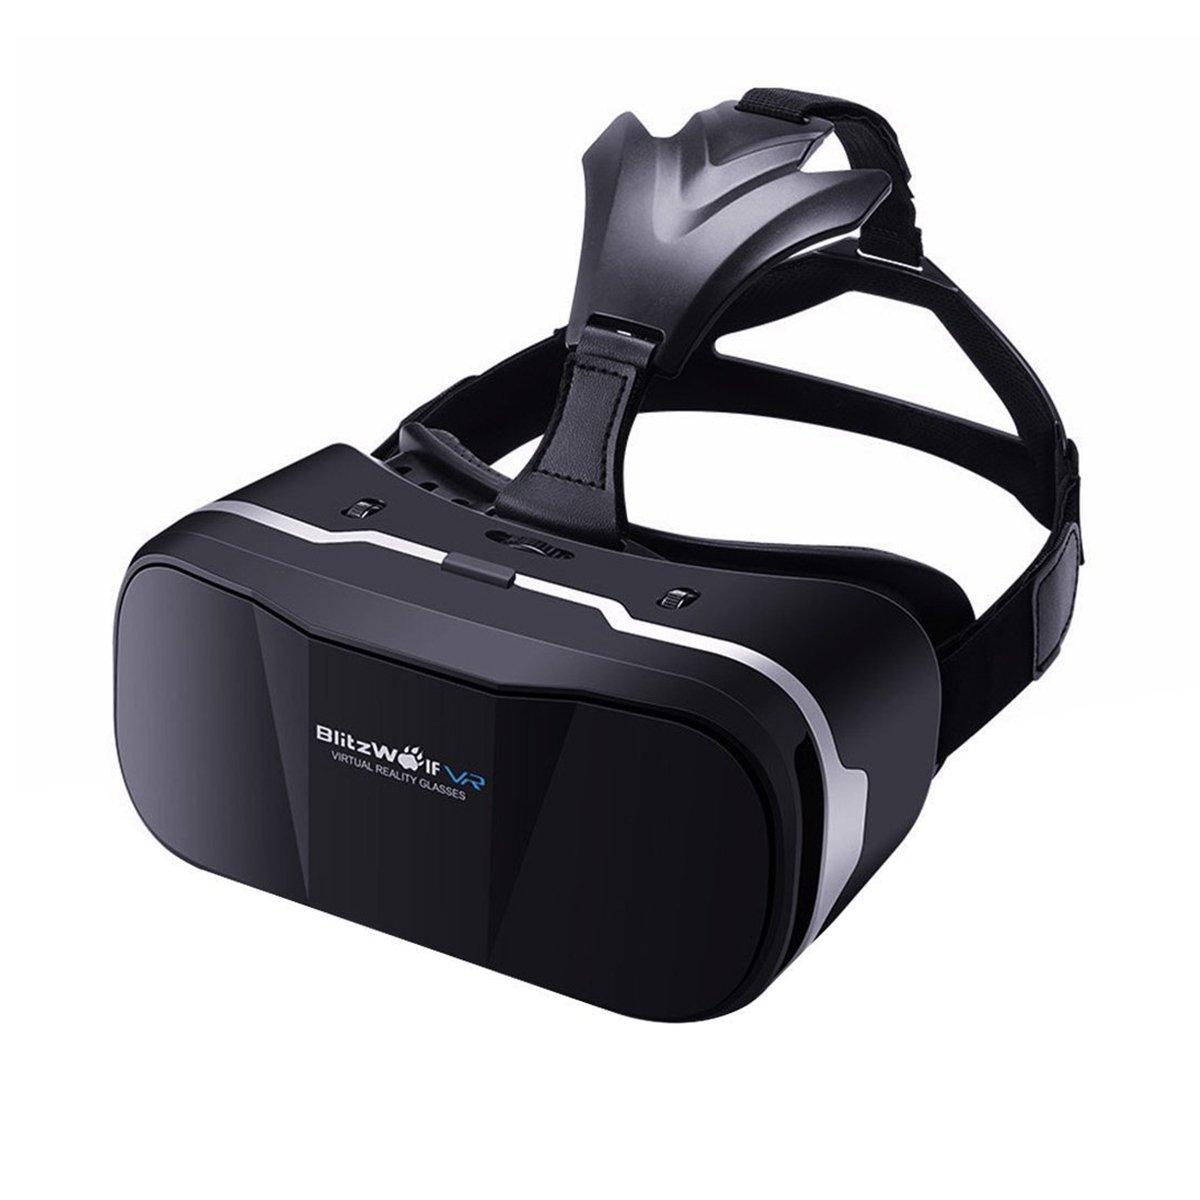 BlitzWolf VR Gafas 3D, Gafas Realidad Virtua de 4,7-6 Pulgadas VR ...